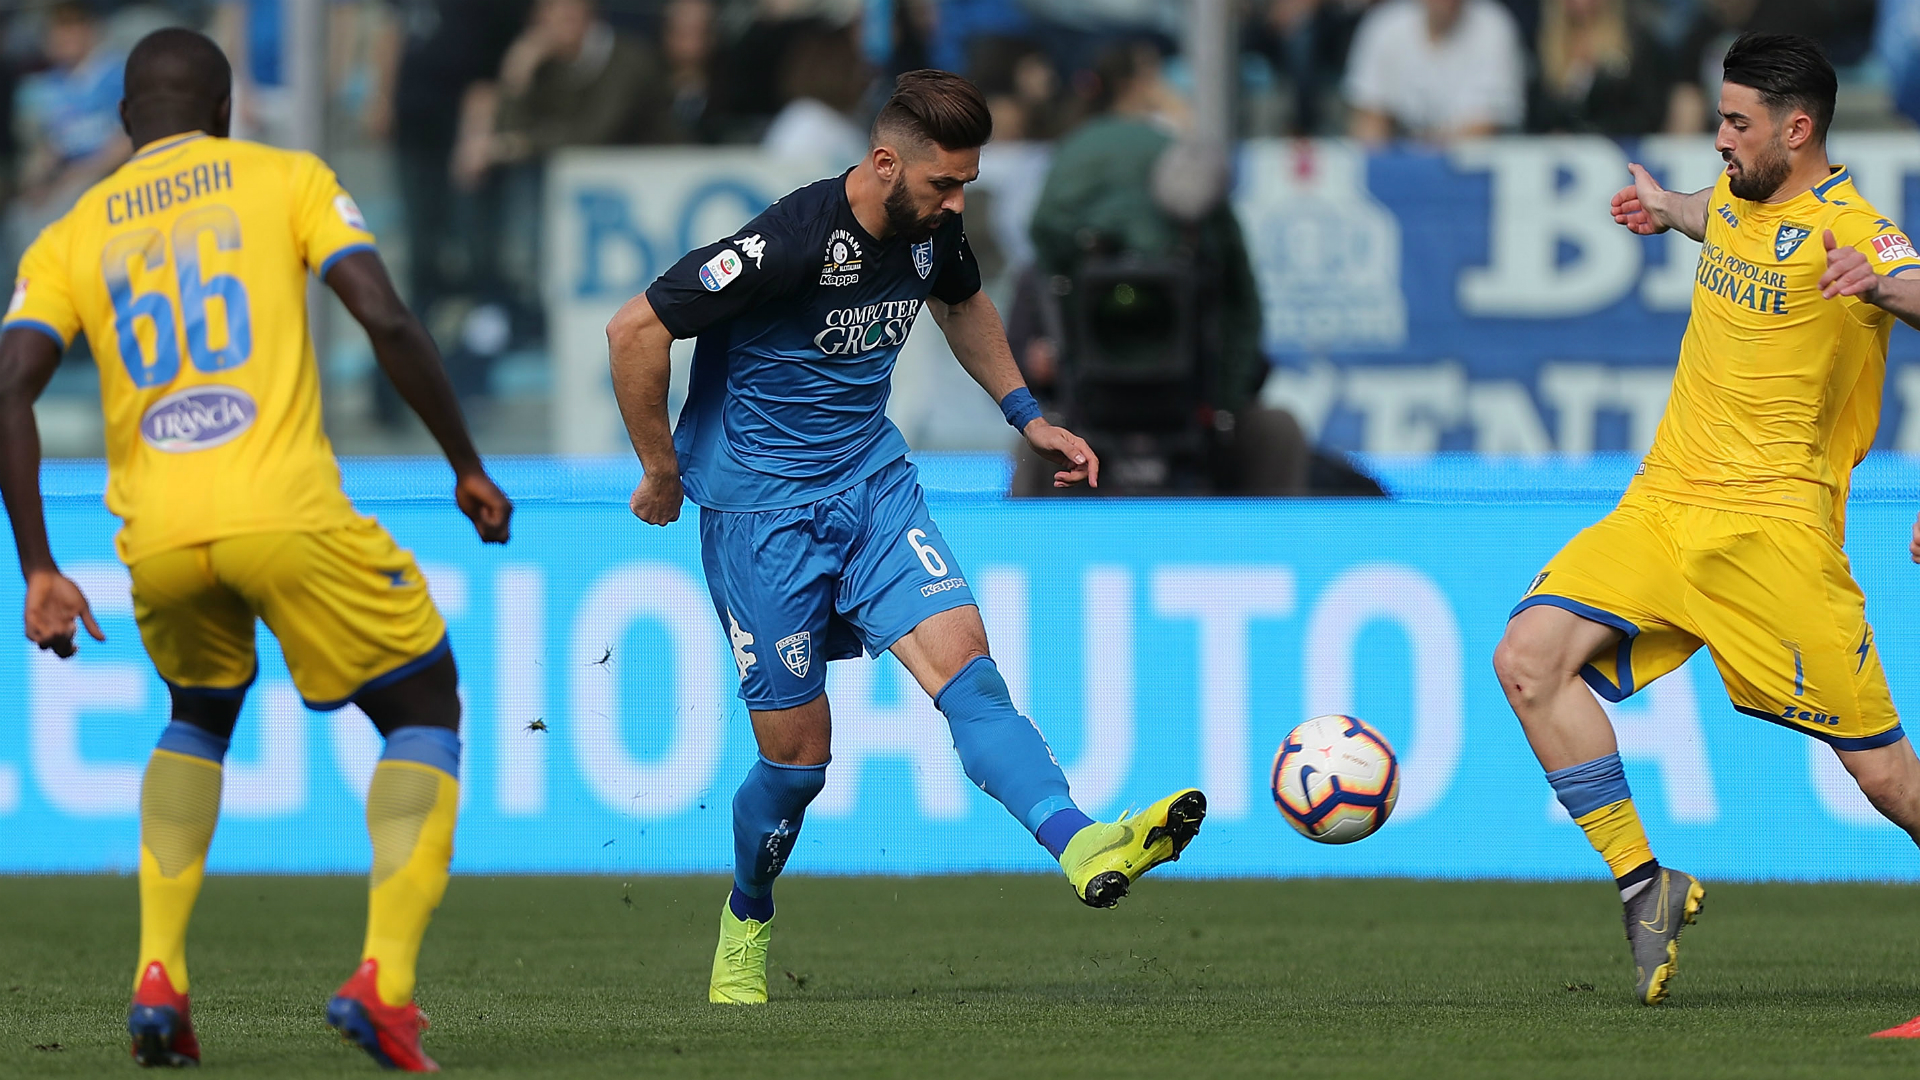 Calciomercato Genoa, Pajac in prestito dal Cagliari: è ufficiale